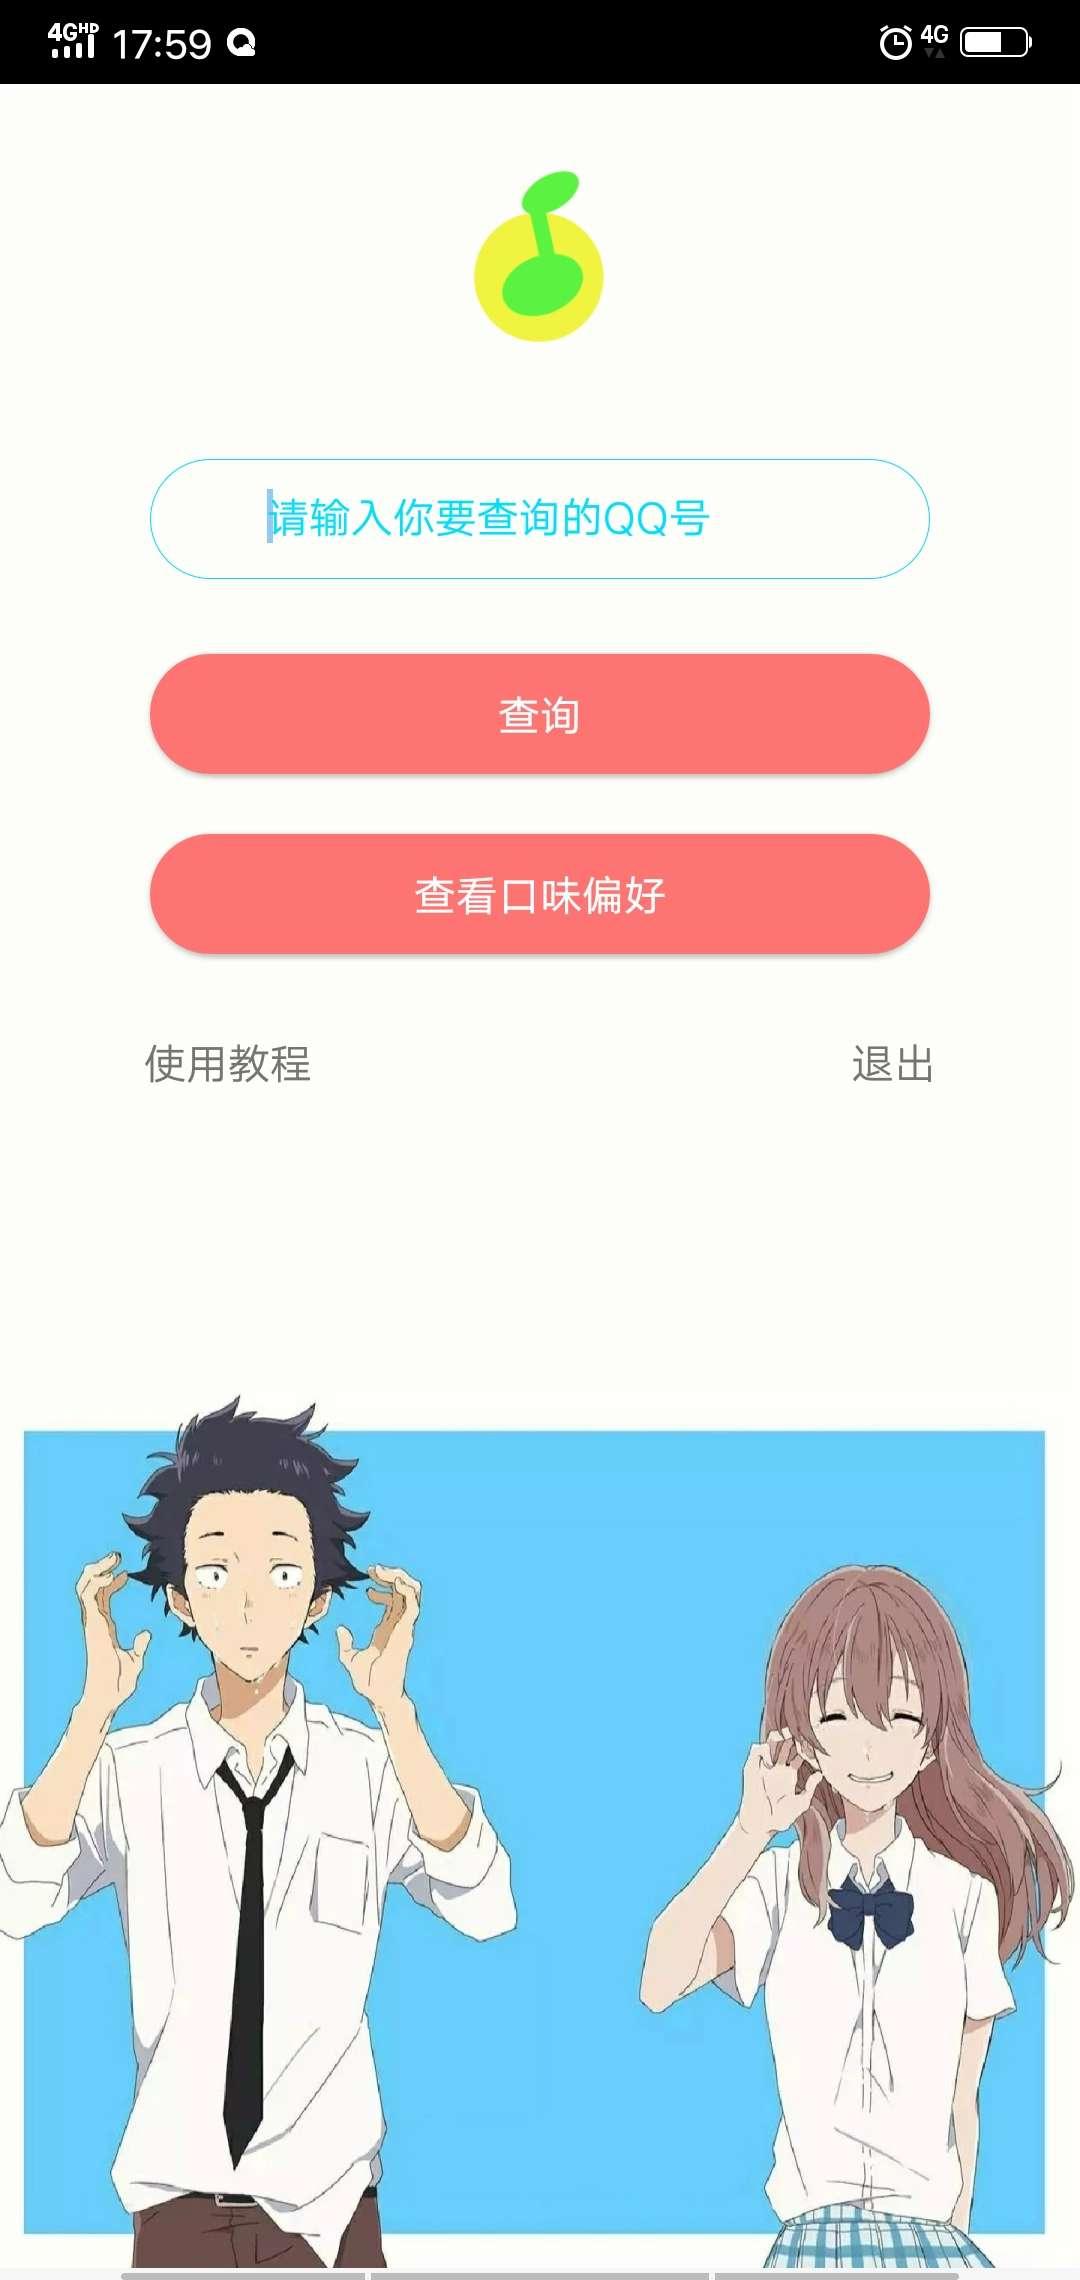 【原创开发】QQ音乐歌单 1.0